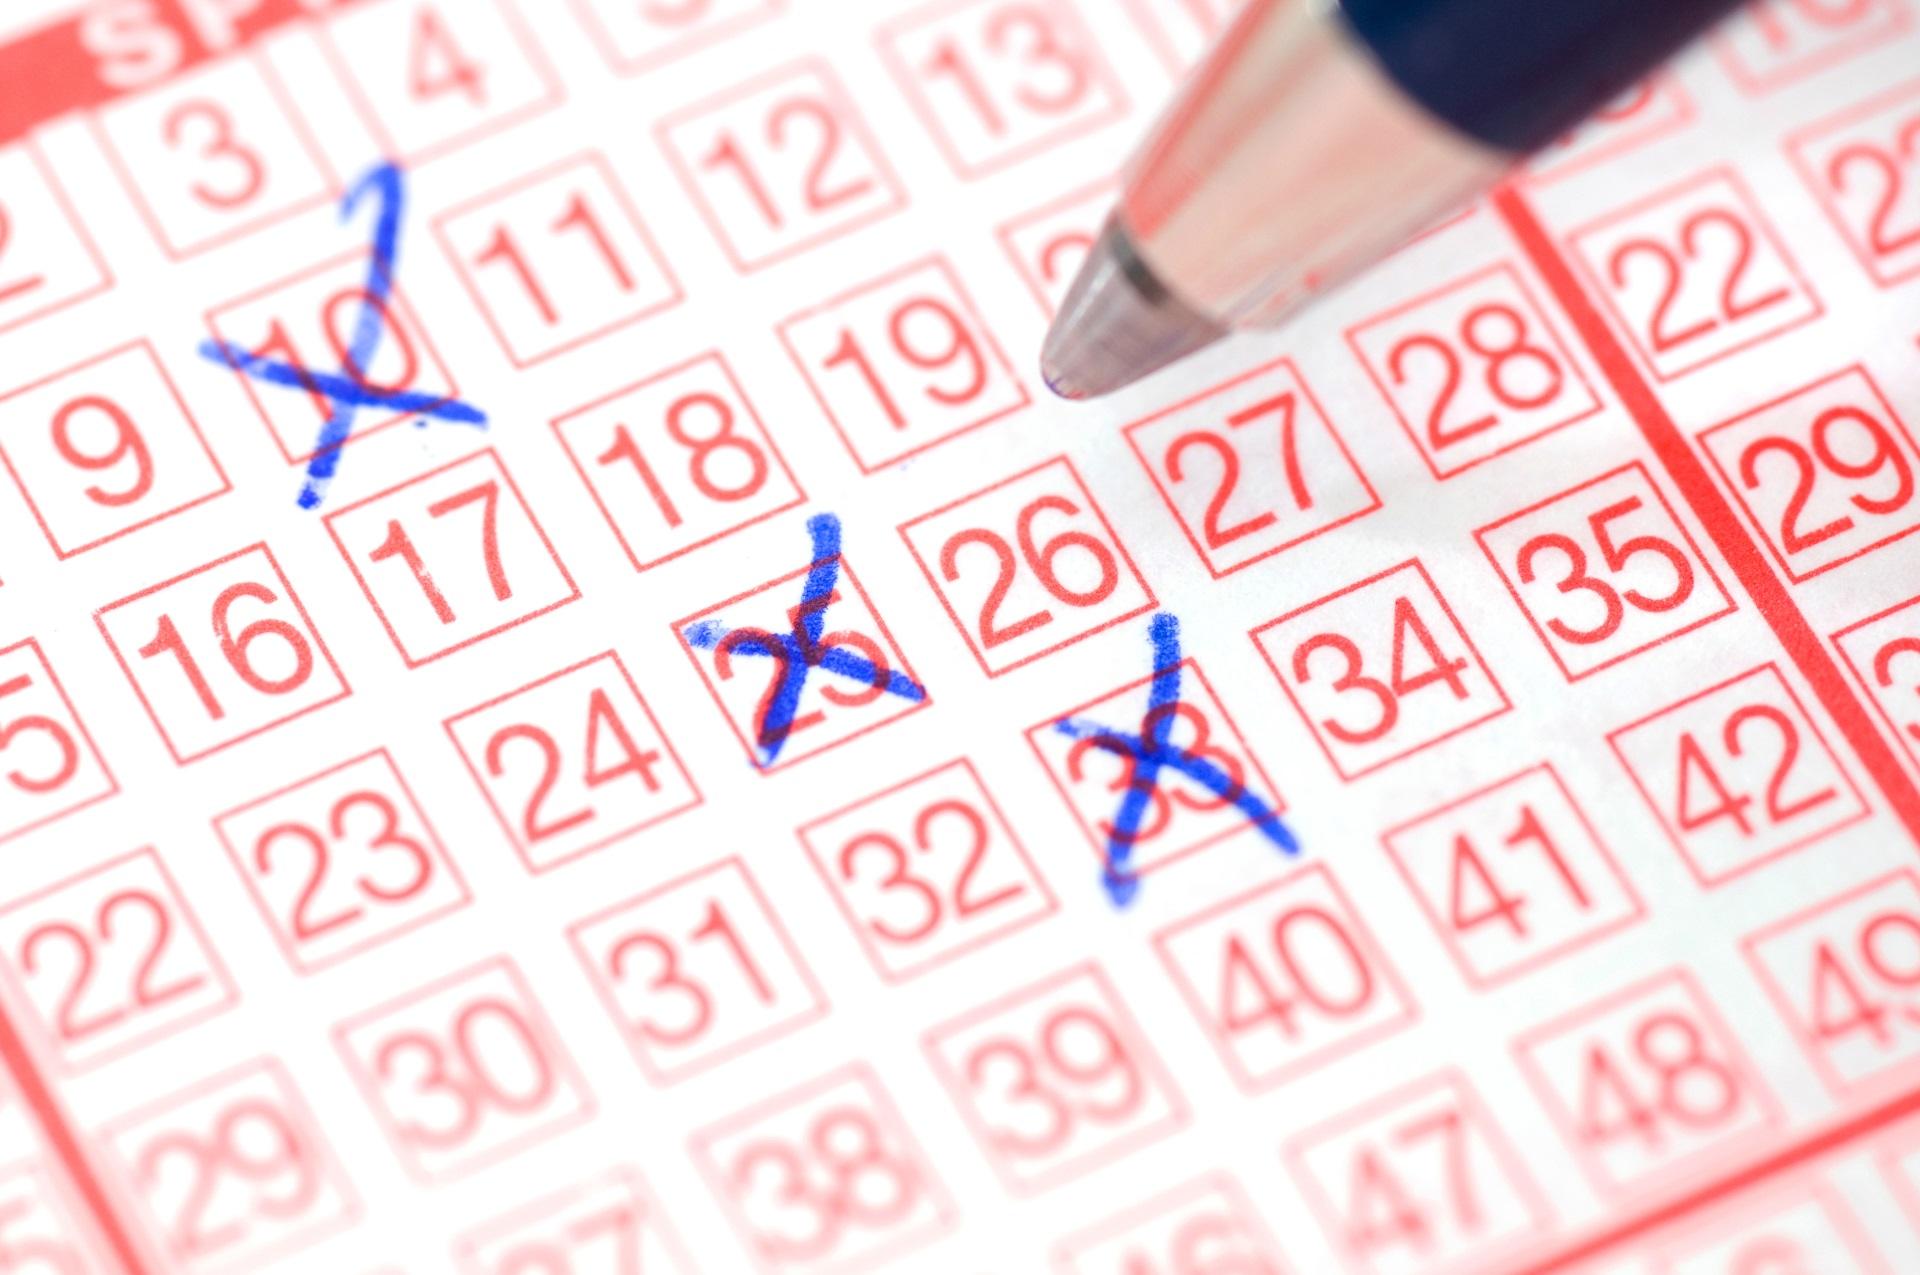 Lotto-Spieler gibt Tipp für Millionen-Jackpot ab.